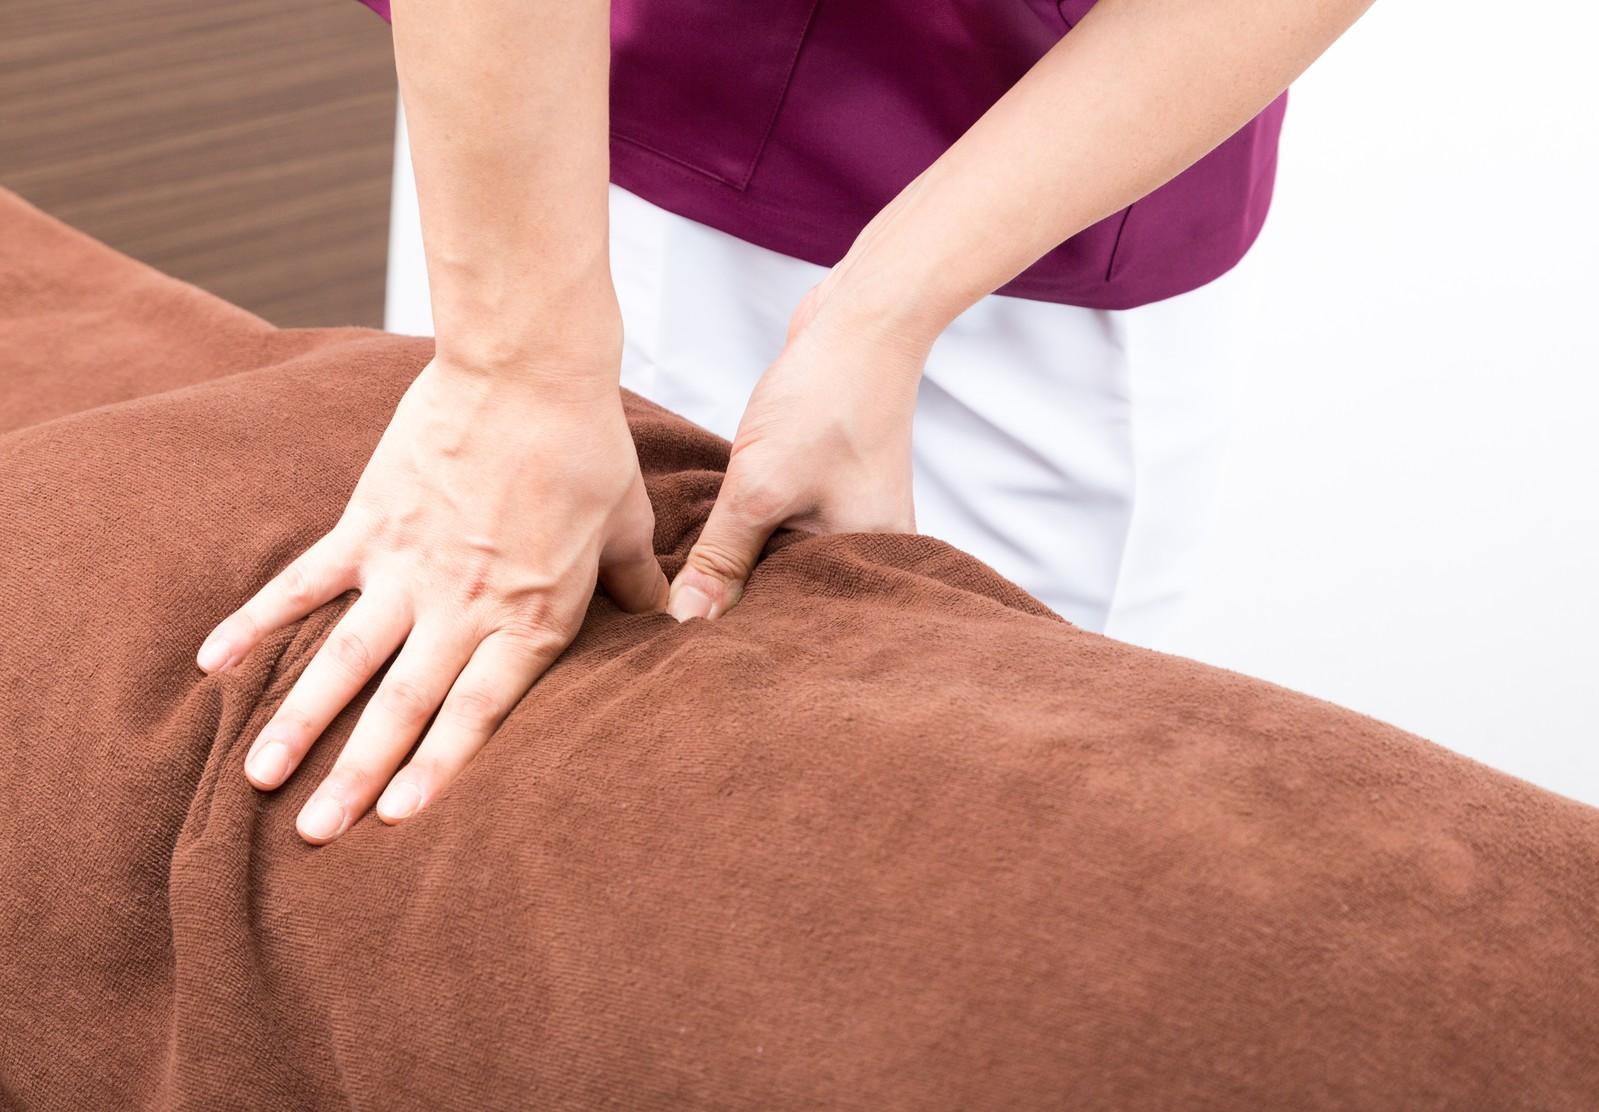 肩こりや頭痛 背中の張り 腰痛などの症状の方へ